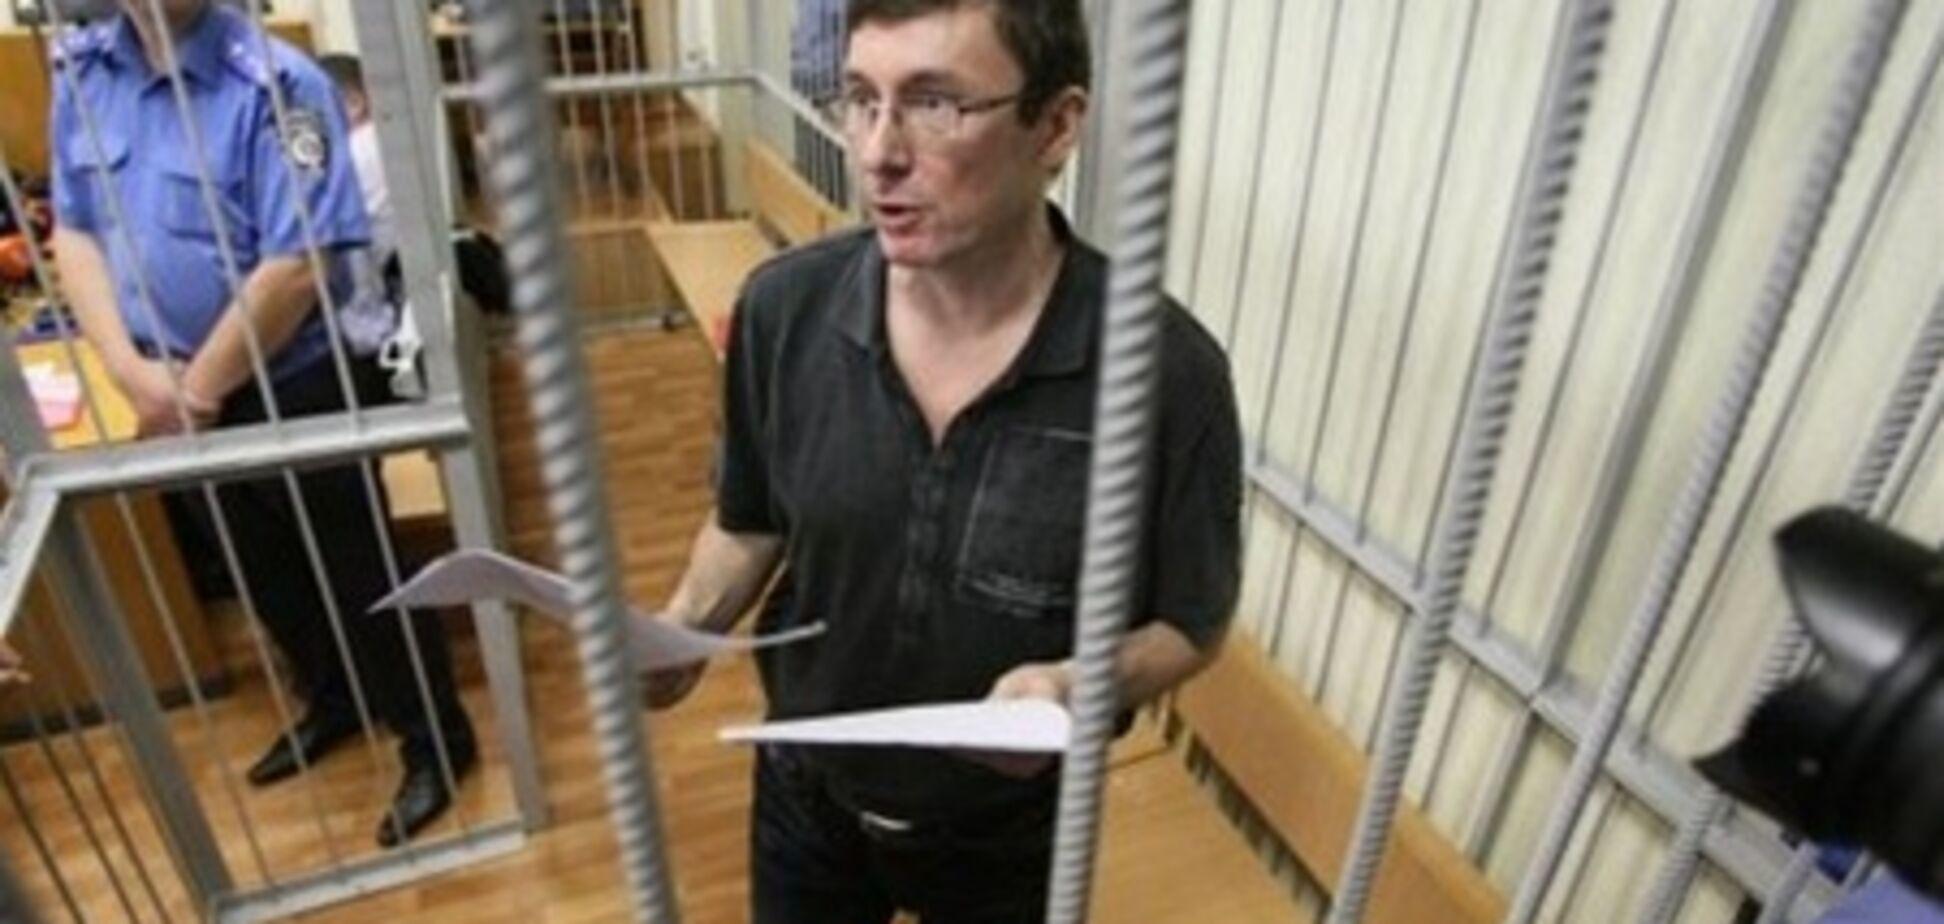 Луценко в суде назвал главные причины своего ареста